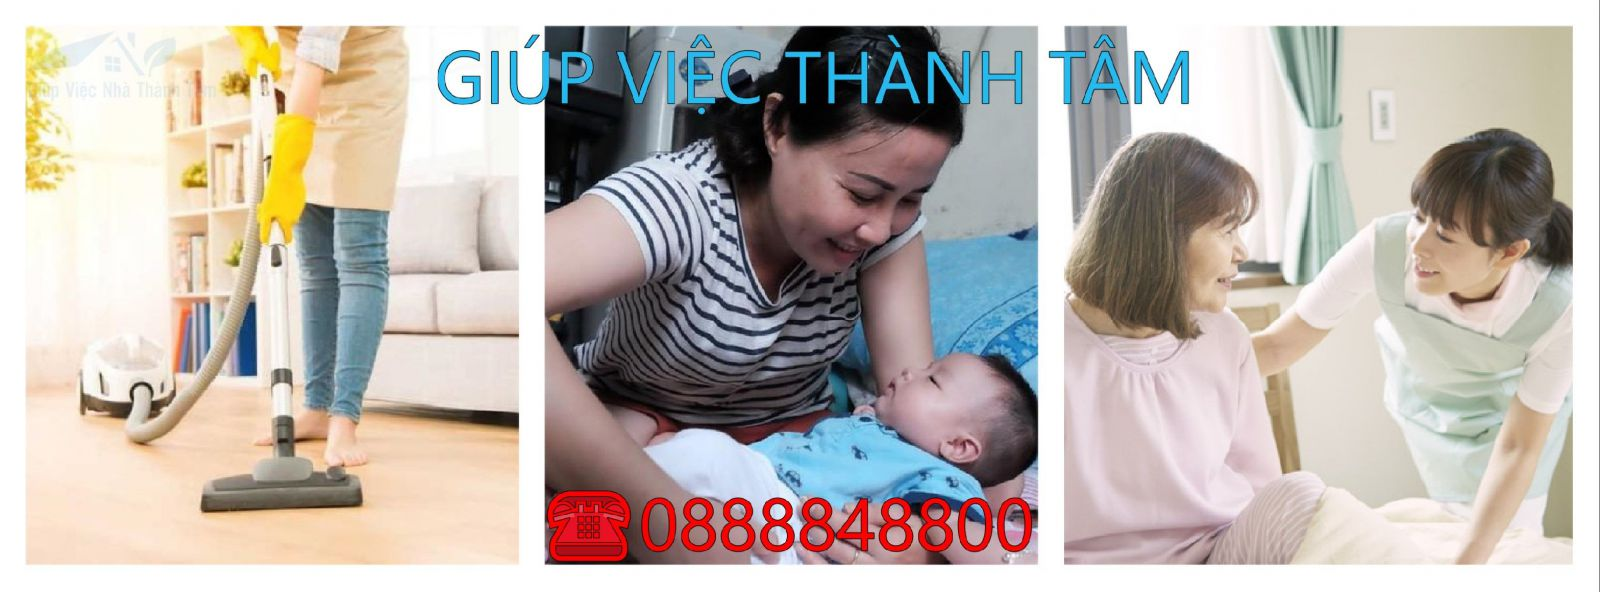 Giúp việc giữ trẻ, chăm sóc người già bệnh tại quận 4